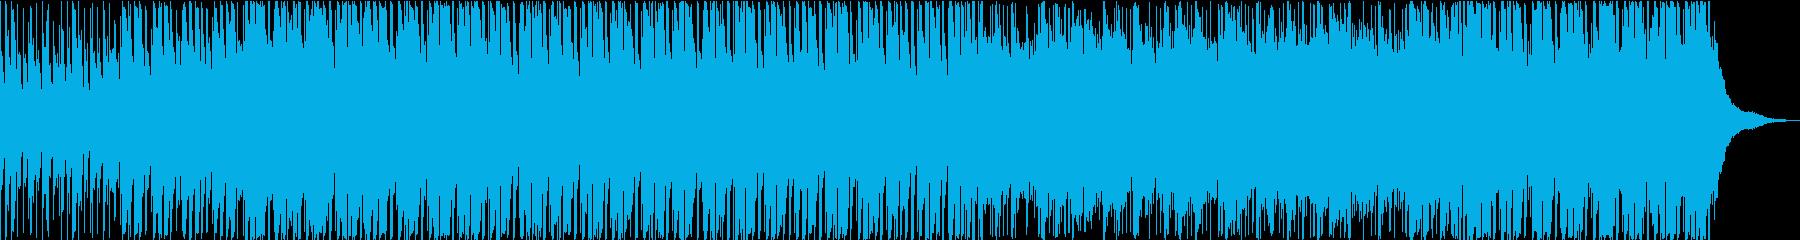 リラックスした雰囲気のテクノポップの再生済みの波形